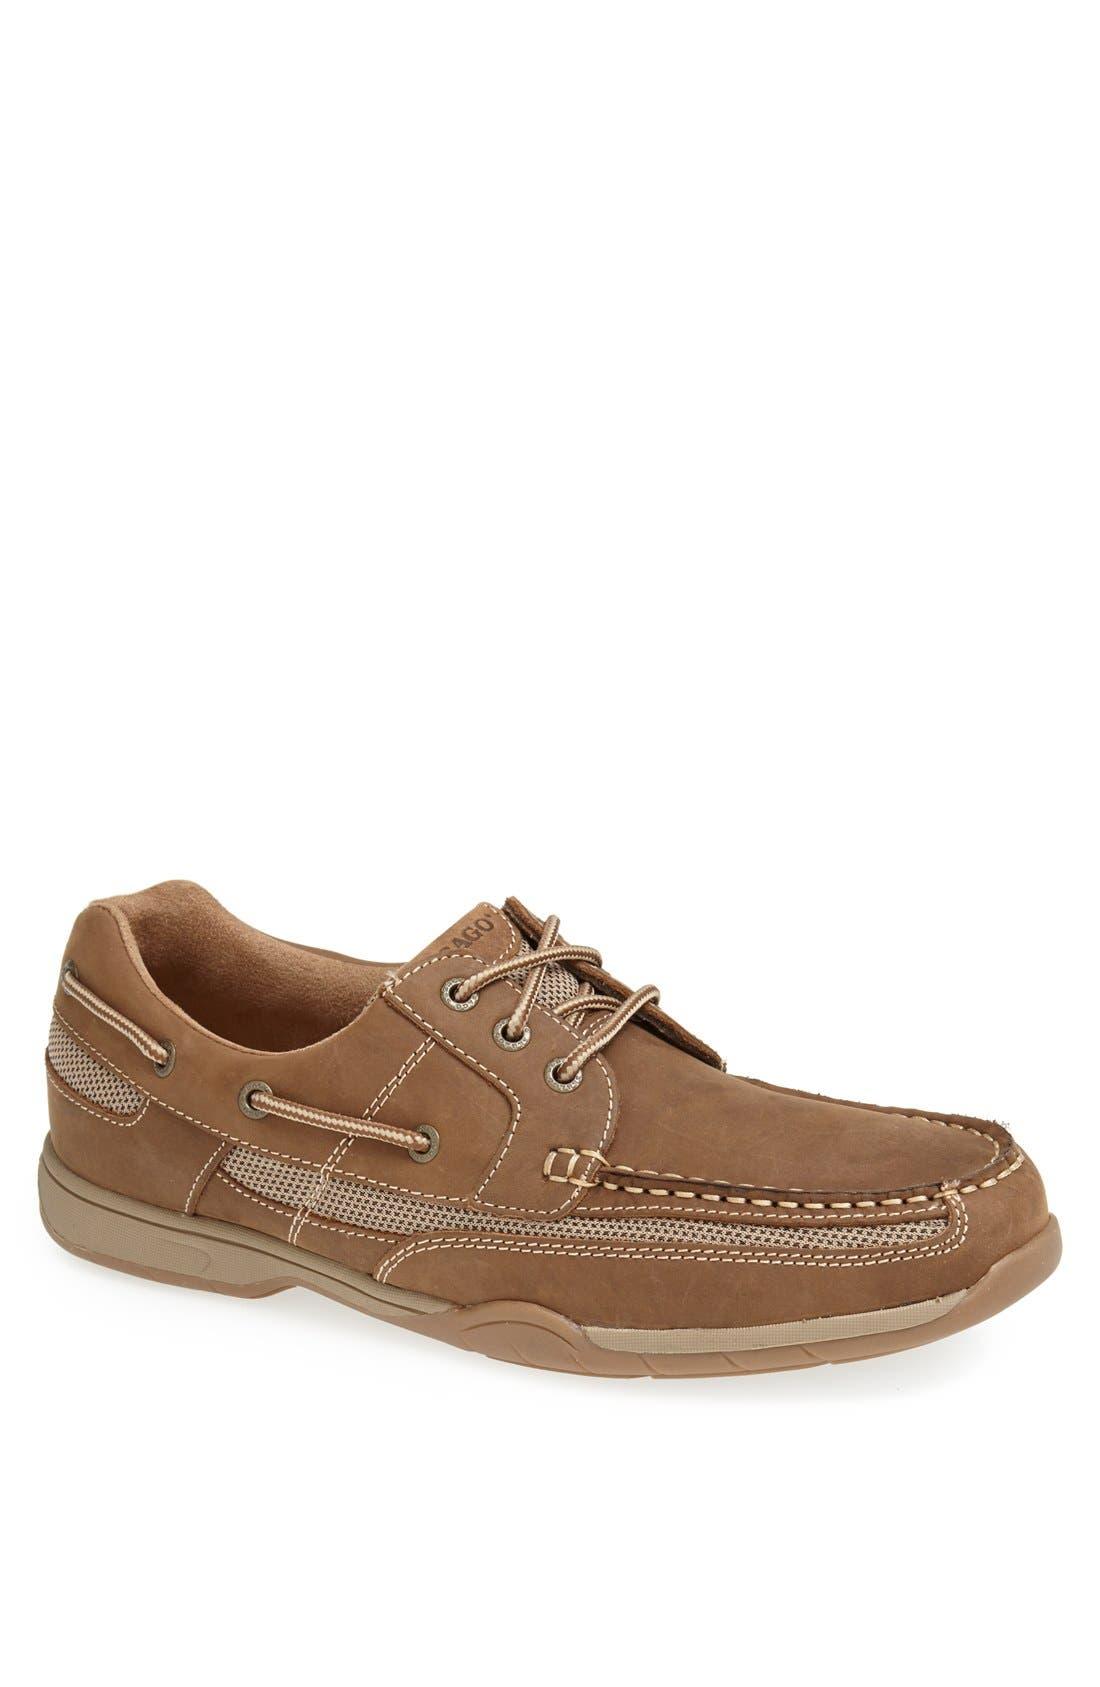 Alternate Image 1 Selected - Sebago 'Carrick' Boat Shoe